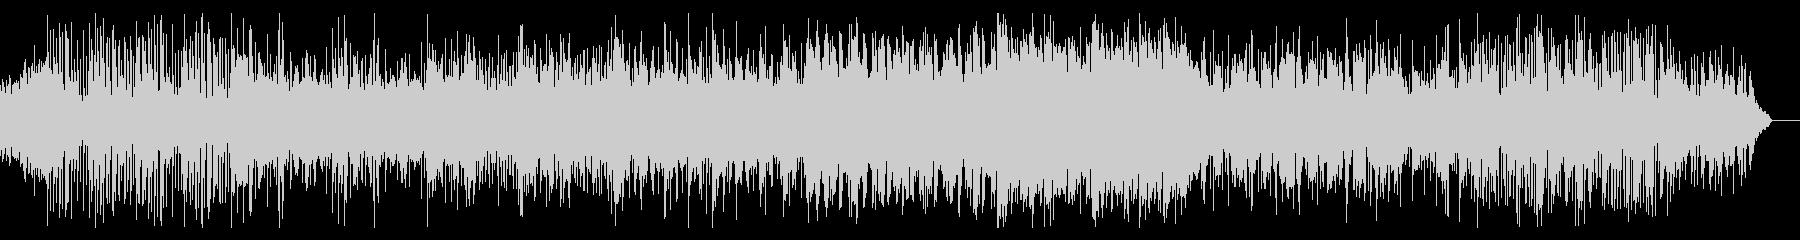 ブレイクビートの緊迫したBGMの未再生の波形